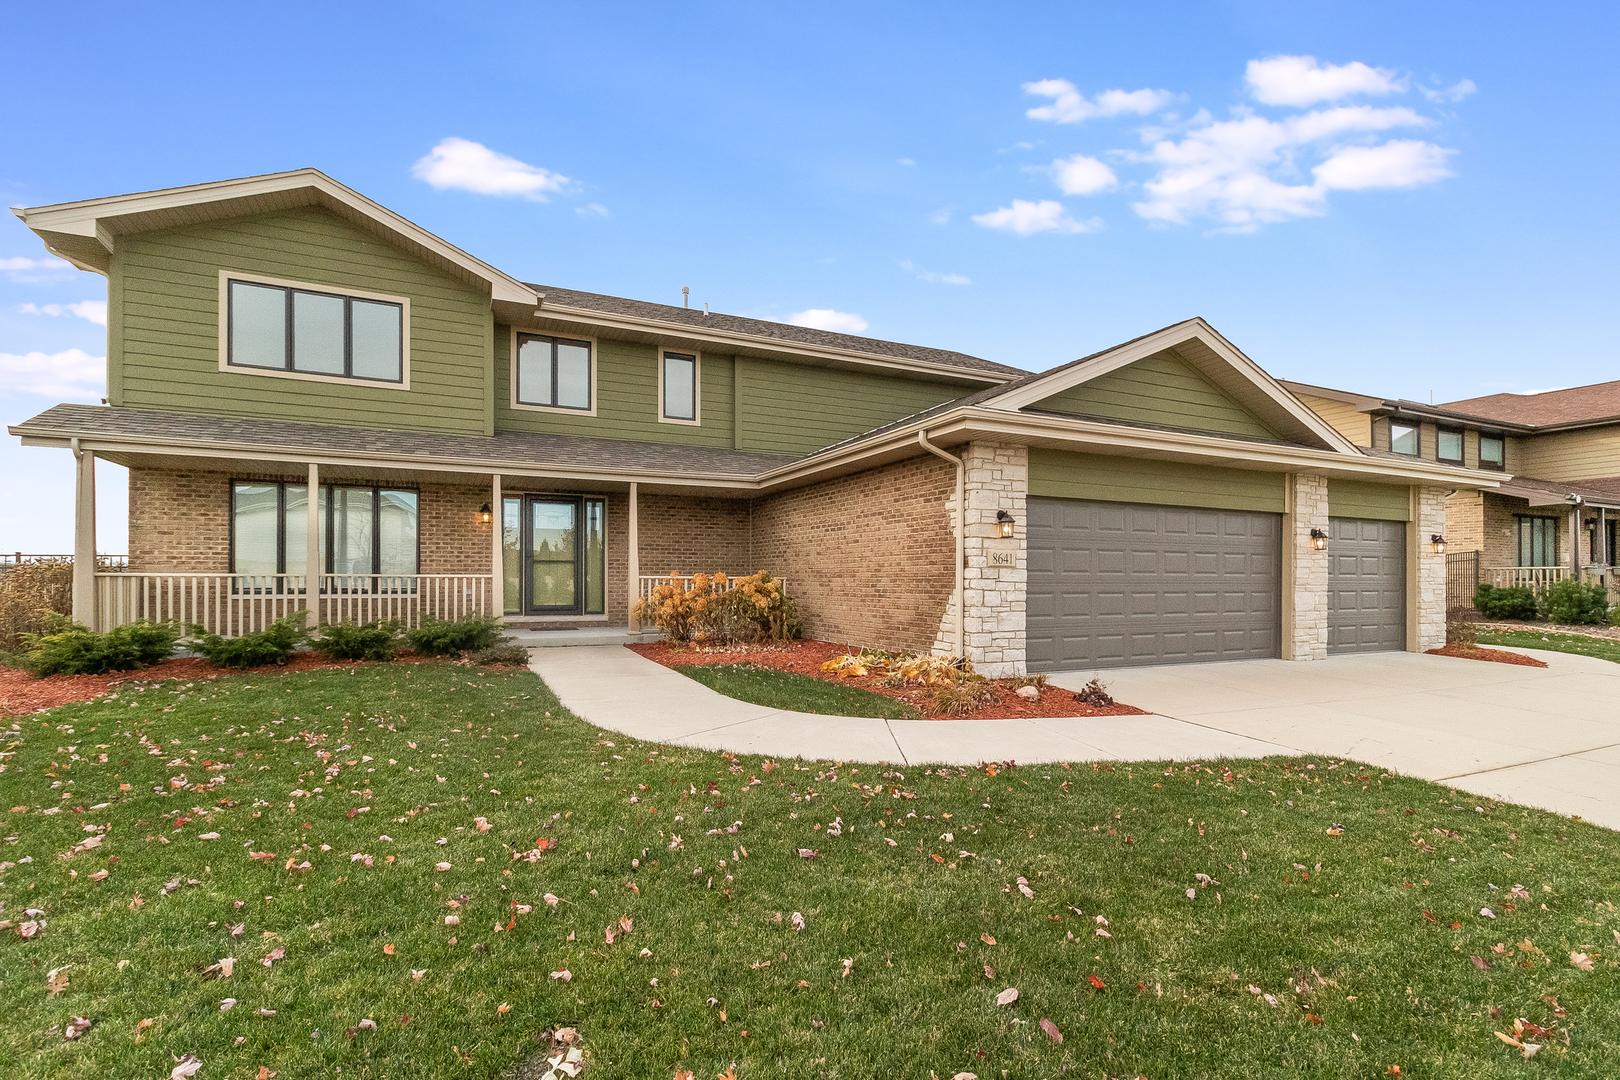 8641 FAIRFIELD Lane, Tinley Park, Illinois